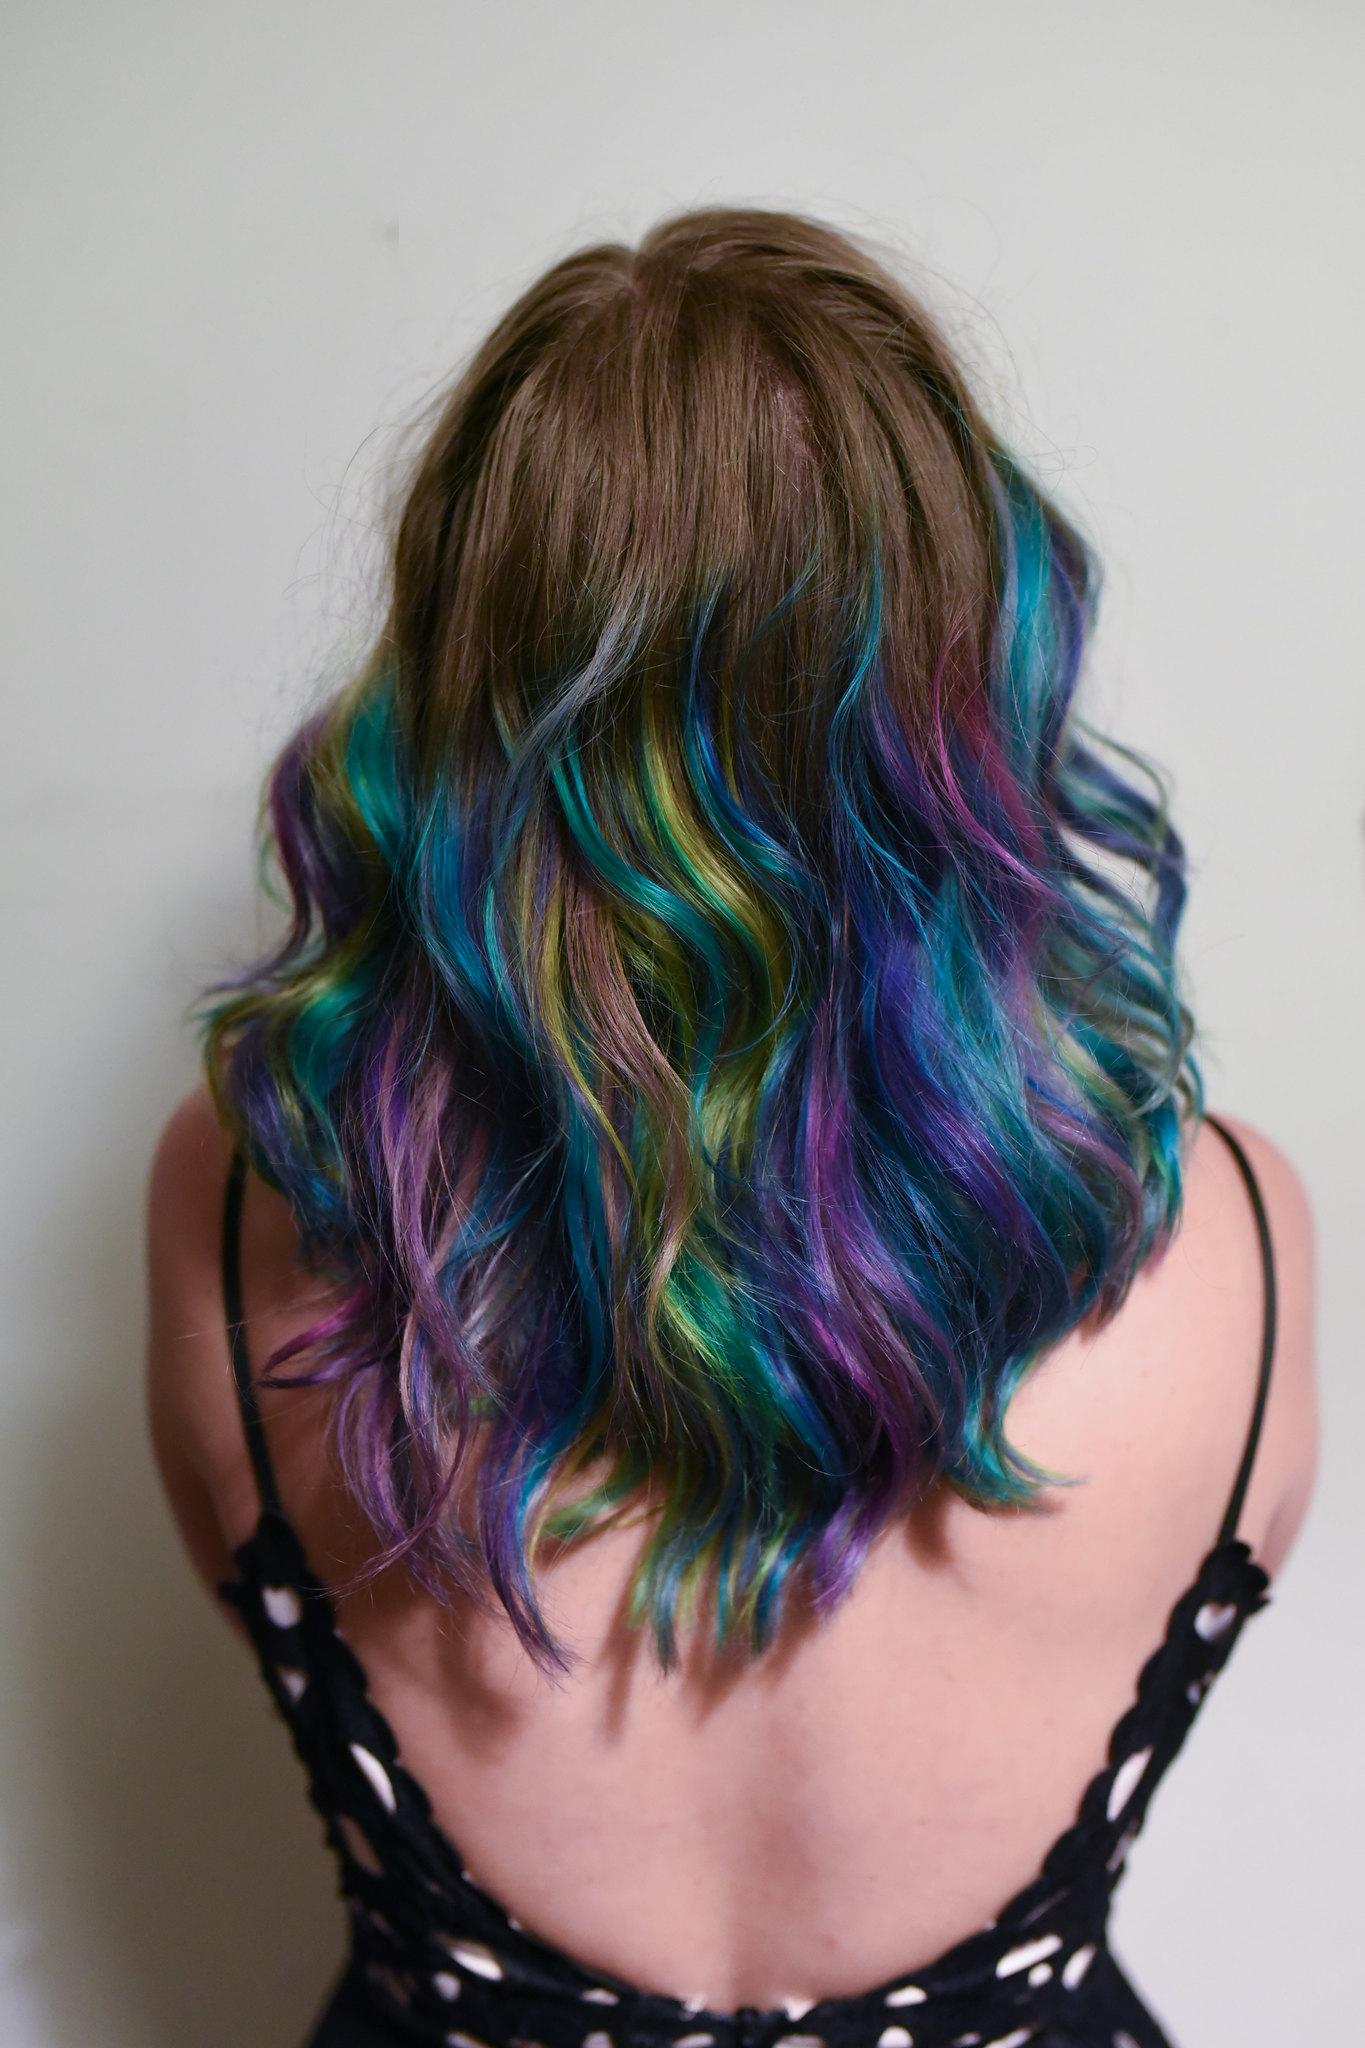 Slunks Rainbow Mermaid Hair